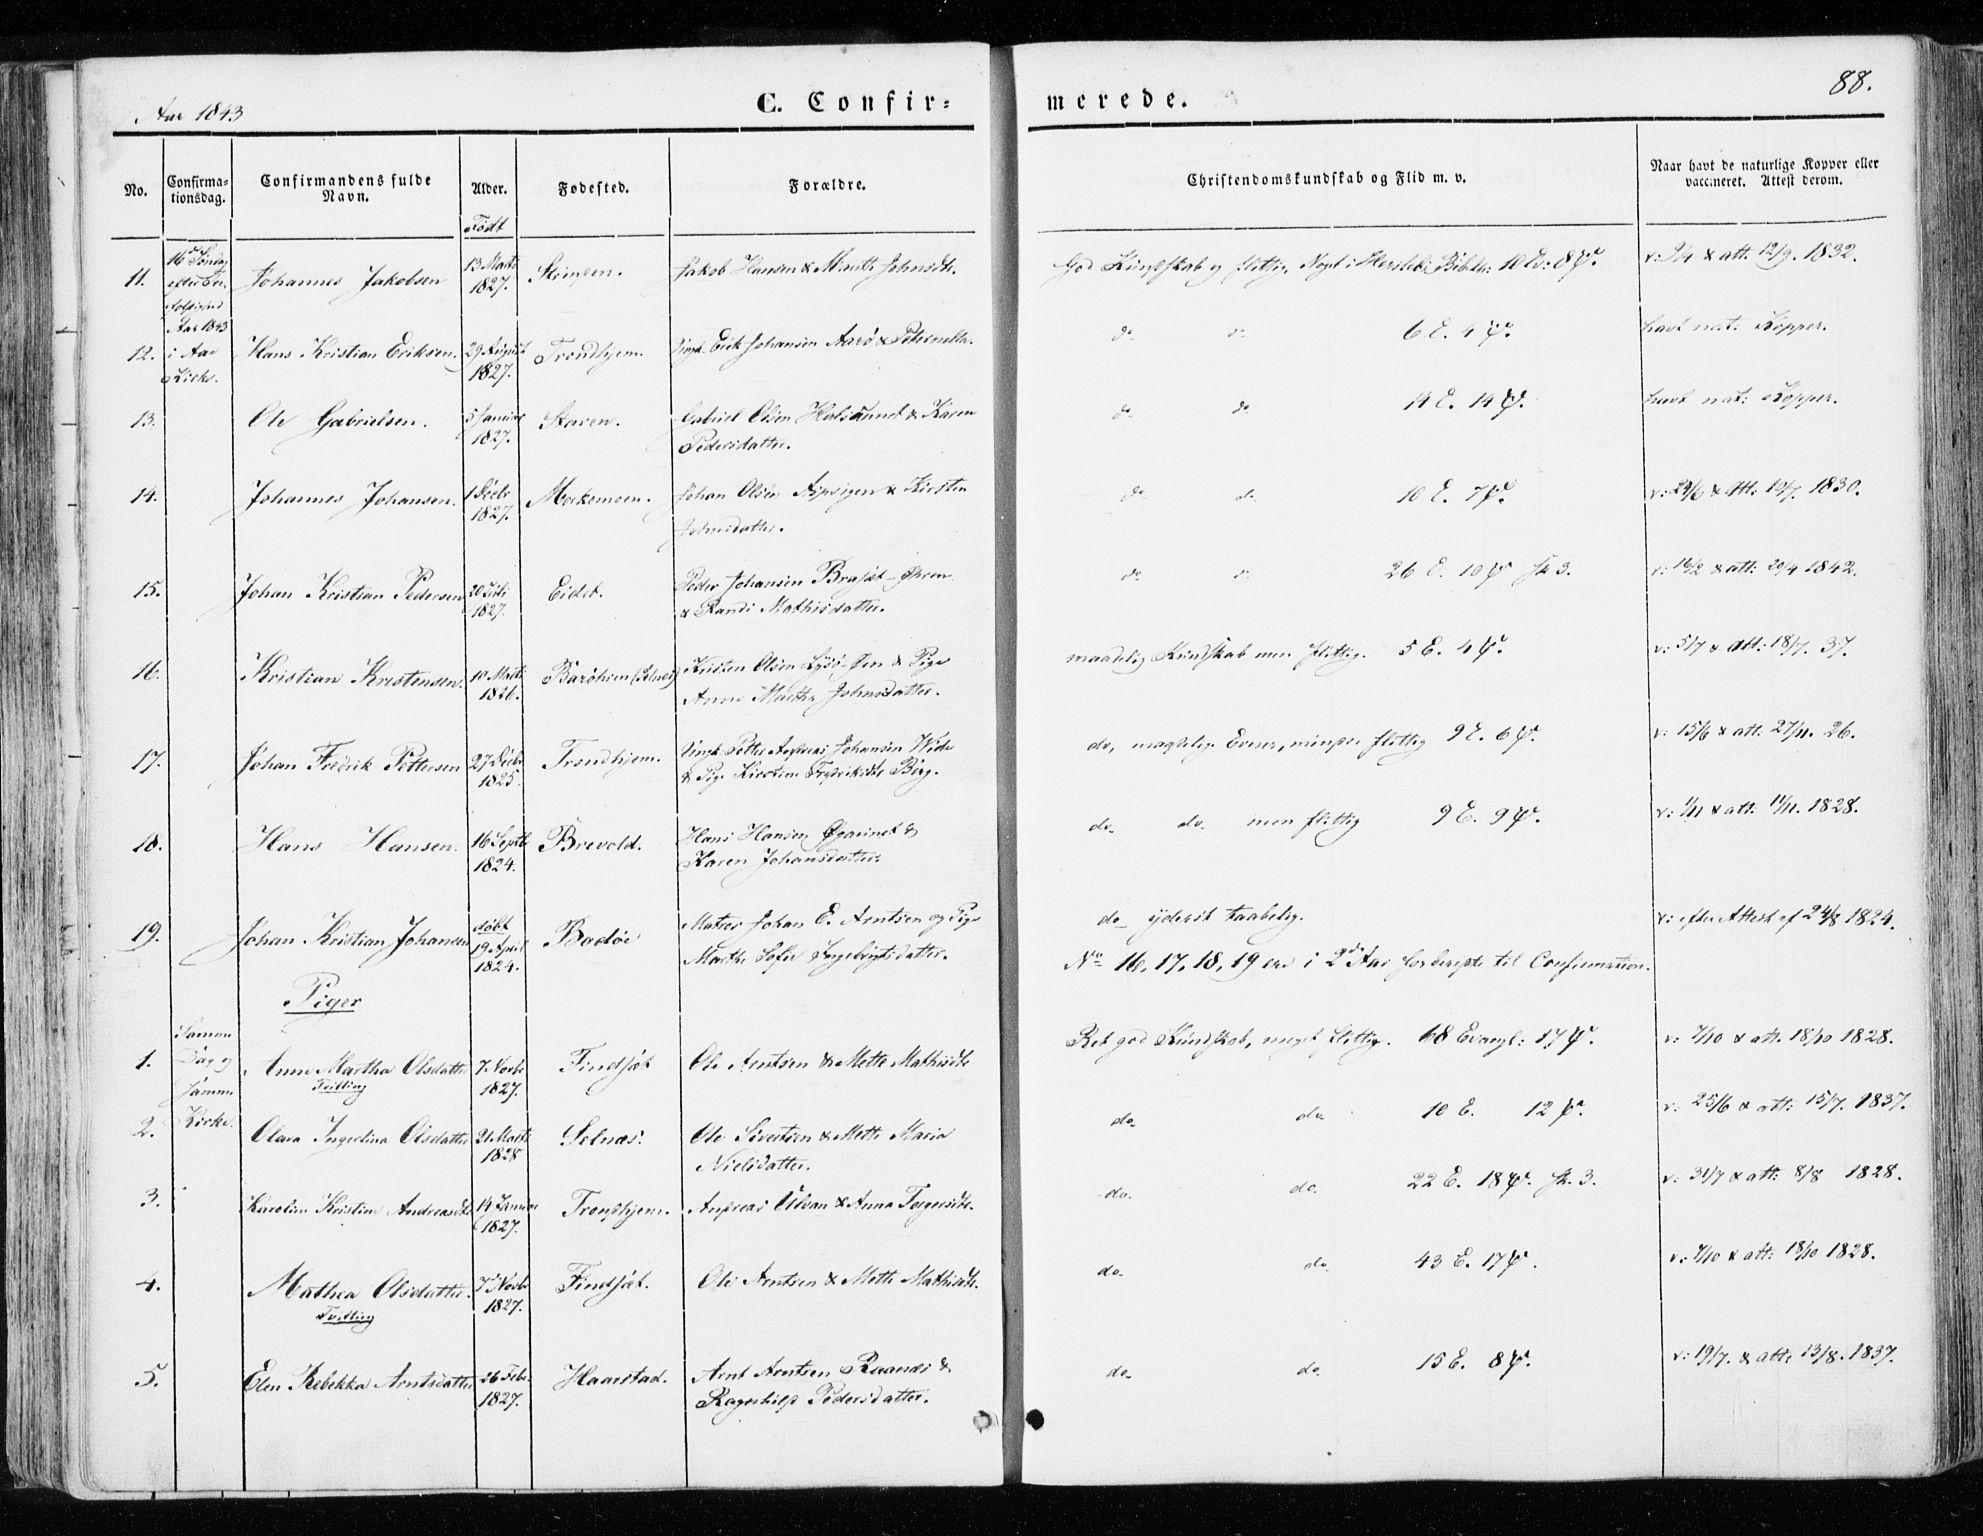 SAT, Ministerialprotokoller, klokkerbøker og fødselsregistre - Sør-Trøndelag, 655/L0677: Ministerialbok nr. 655A06, 1847-1860, s. 88